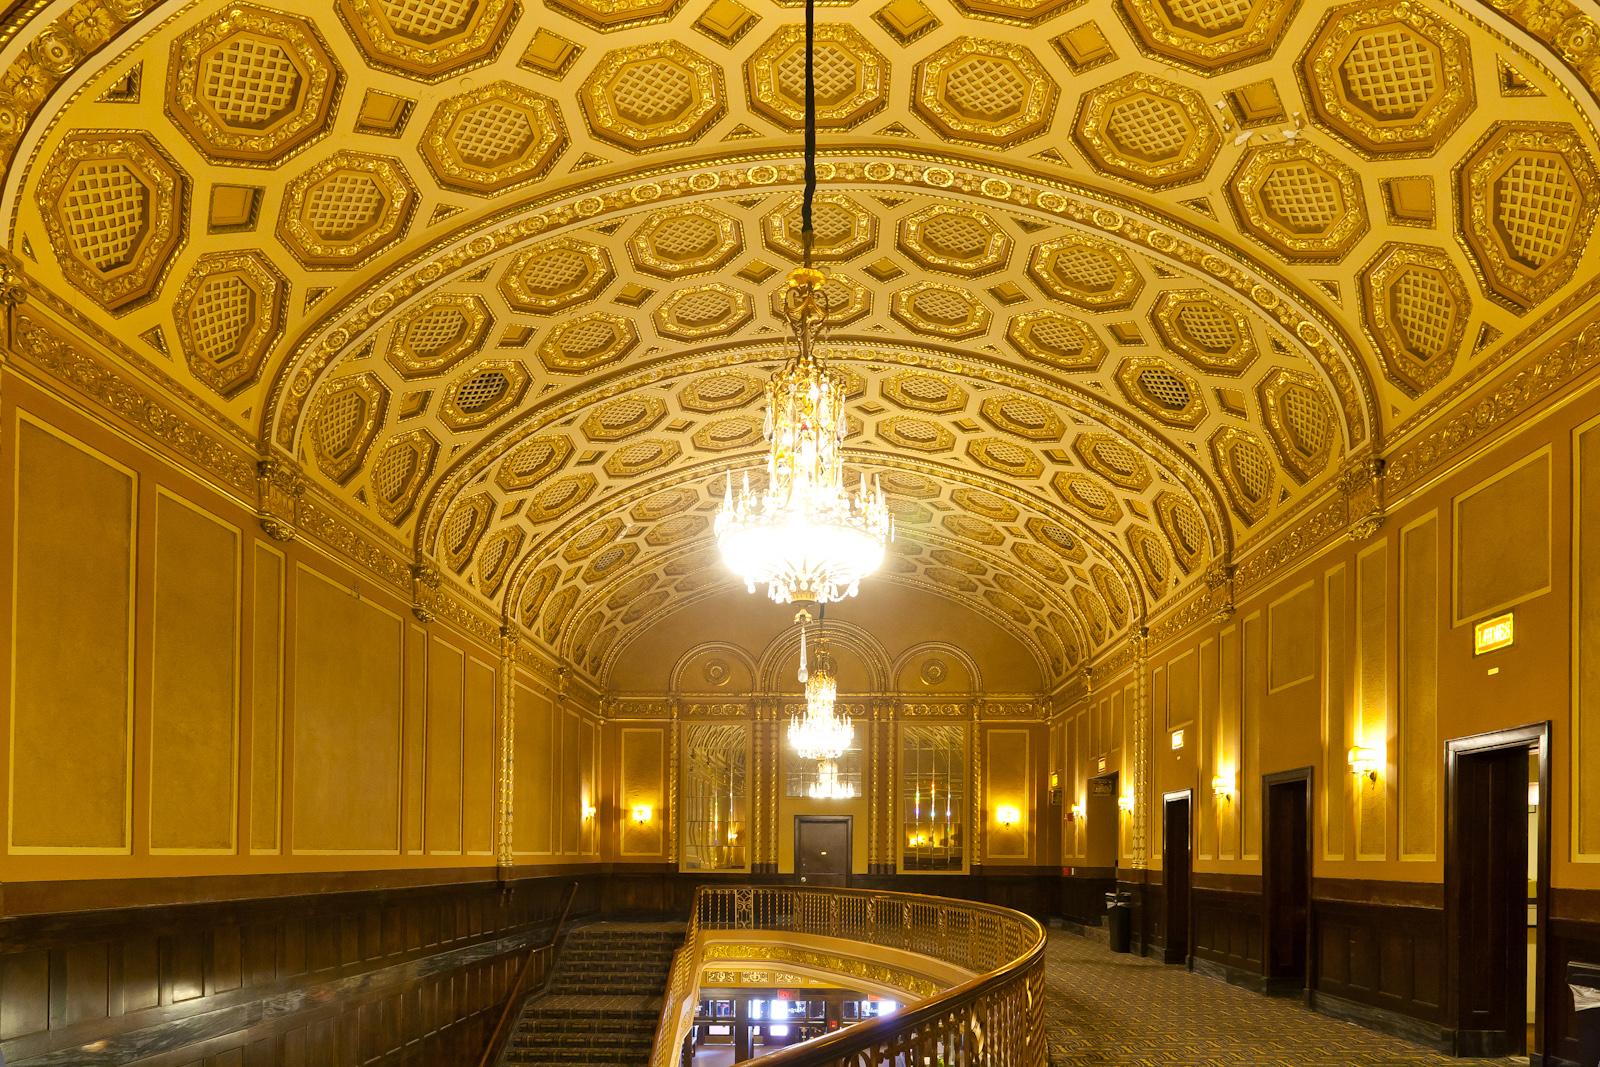 Michigan_Theater_Upstairs_lobby.jpg